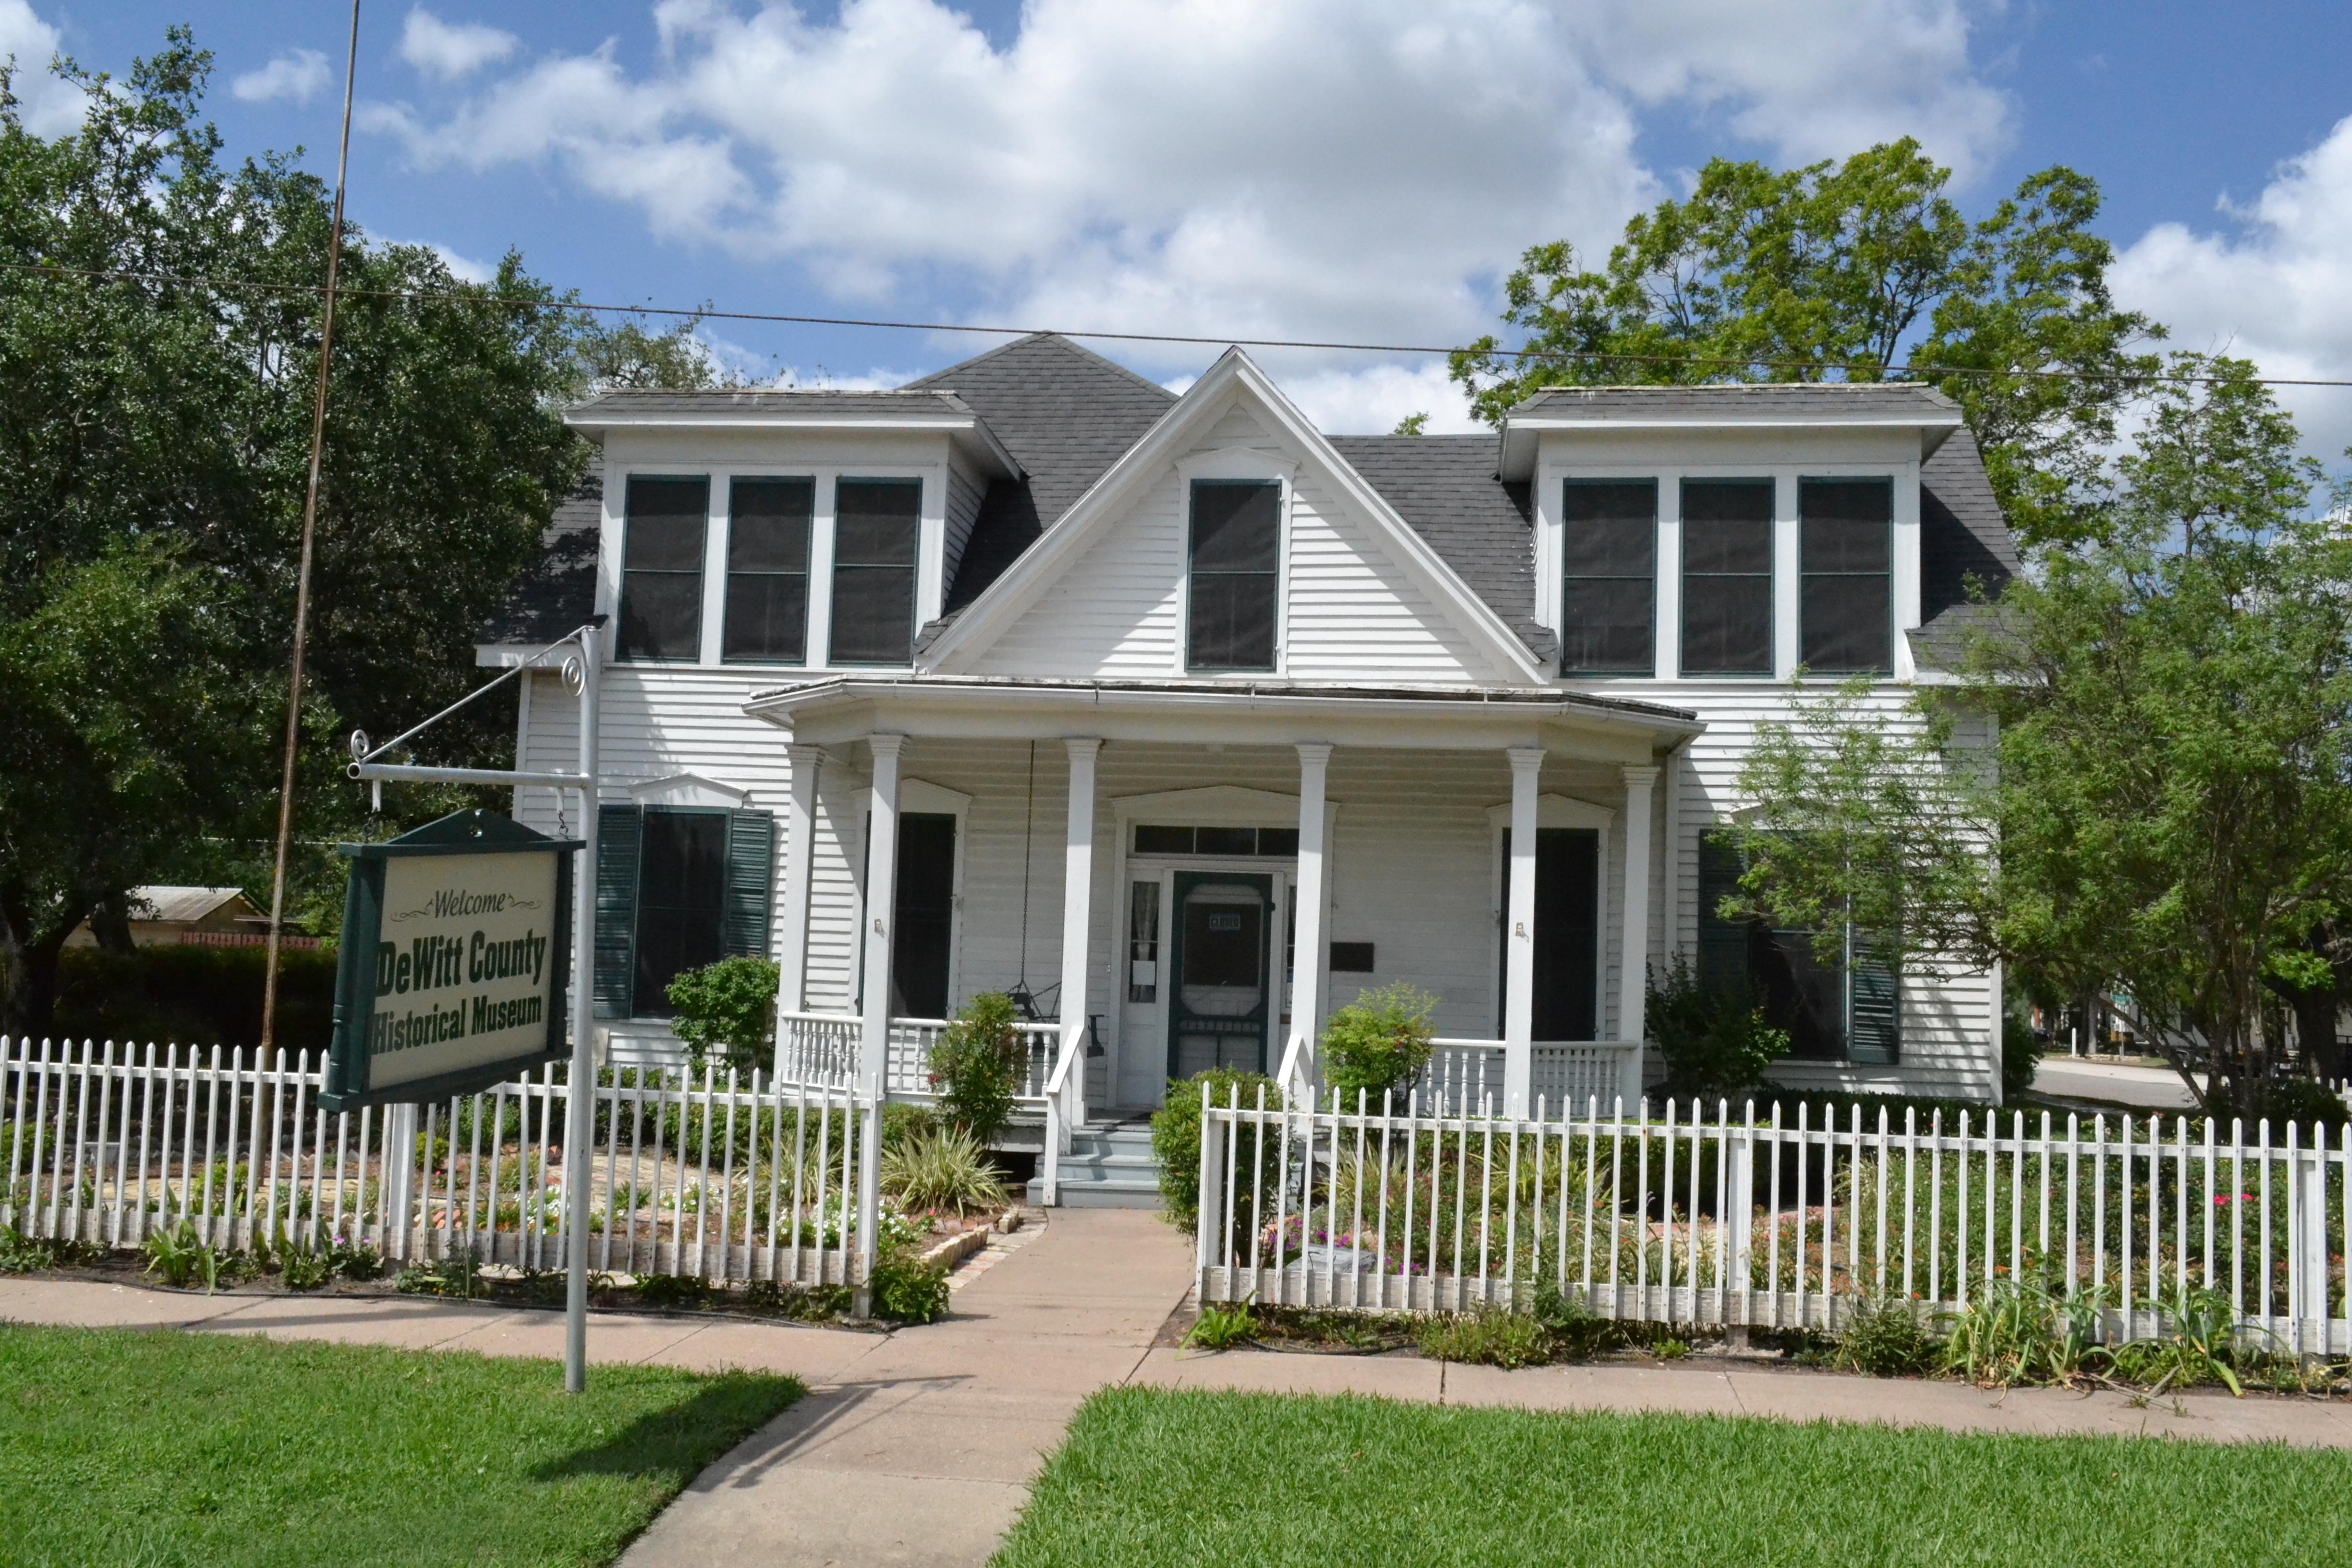 File:Bates Sheppard House, Cuero, Texas.JPG